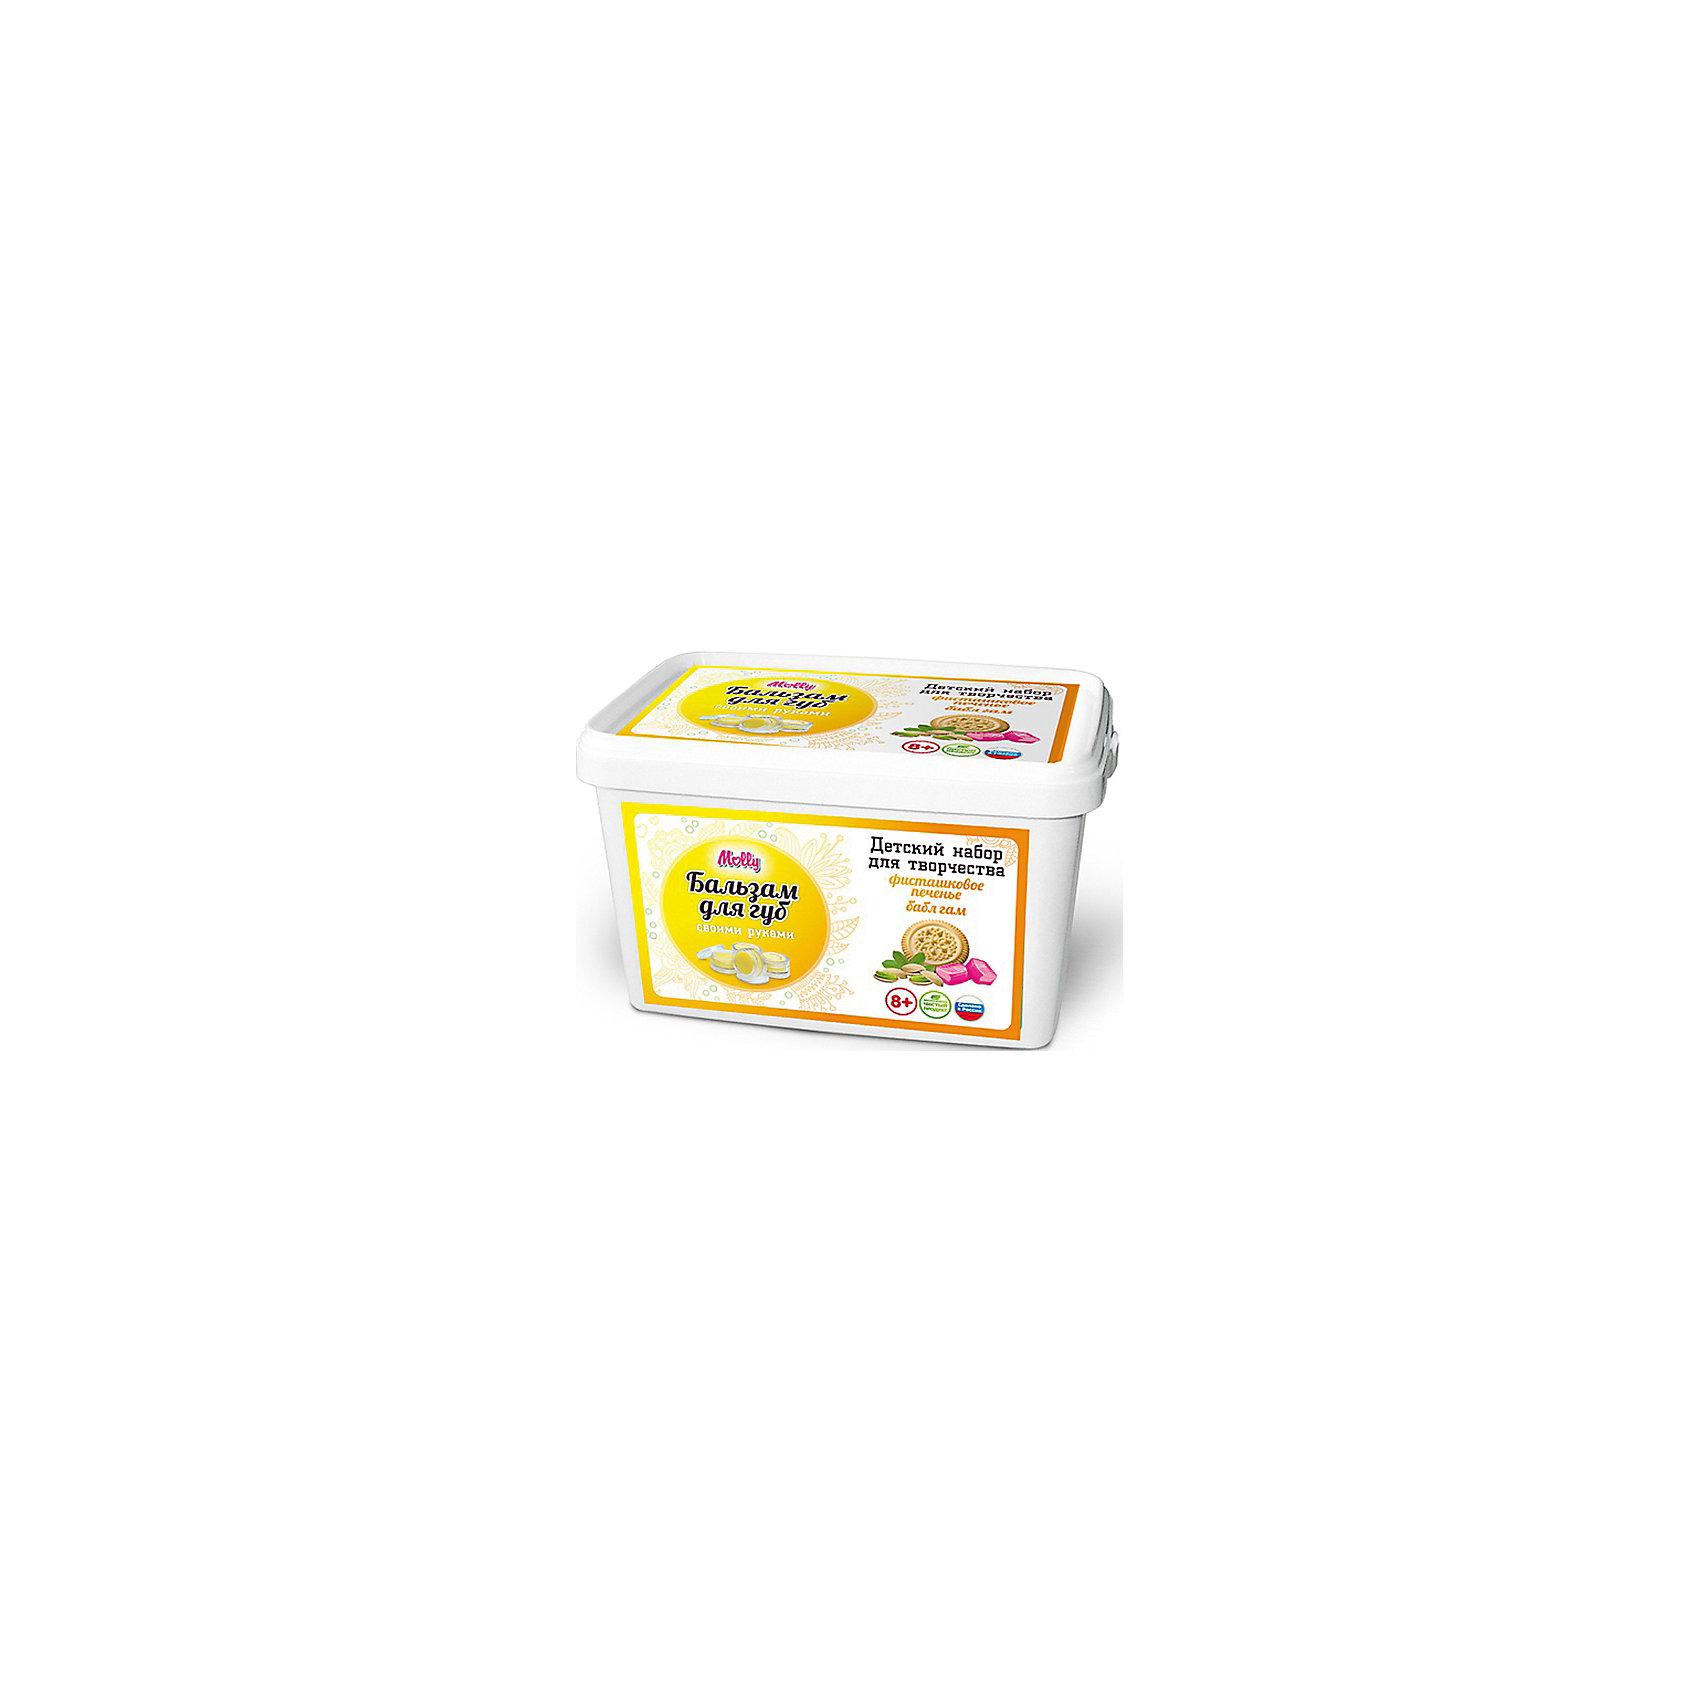 Бальзам для губ Фисташковое печенье-Бабл ГамКосметика, грим и парфюмерия<br>Оригинальный бальзам для губ, который можно создать своими руками. В состав набора входит: масло какао, пчелиный воск, 2 ароматизатора, ложка,  баночки для готового бальзама,  одноразовые перчатки и подробная инструкция.<br><br>Ширина мм: 20<br>Глубина мм: 13<br>Высота мм: 11<br>Вес г: 215<br>Возраст от месяцев: 96<br>Возраст до месяцев: 144<br>Пол: Унисекс<br>Возраст: Детский<br>SKU: 5115203